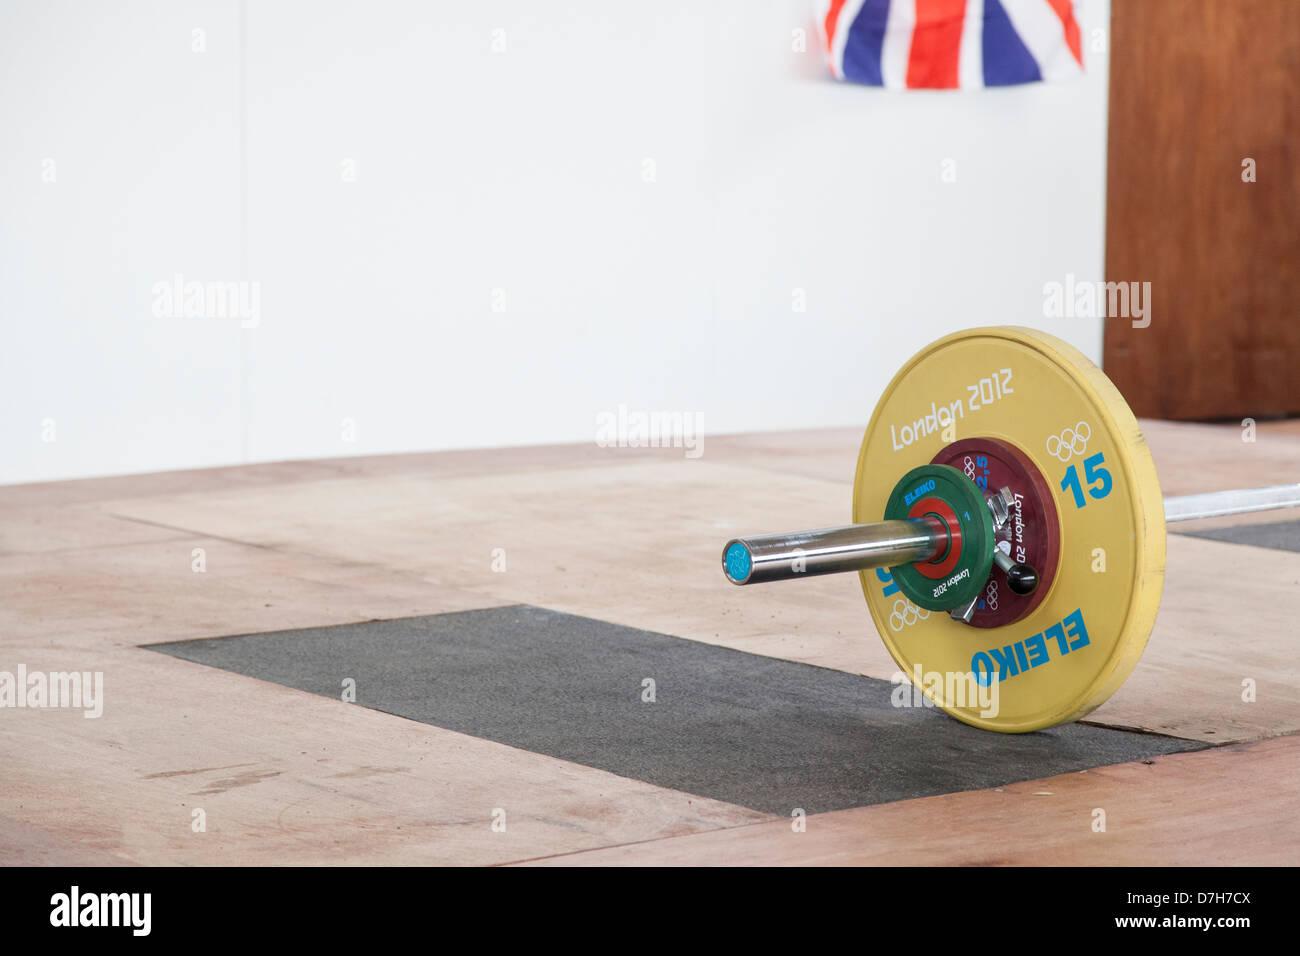 Poids avec drapeau olympique go dans le coin. Haltérophilie Photo Stock